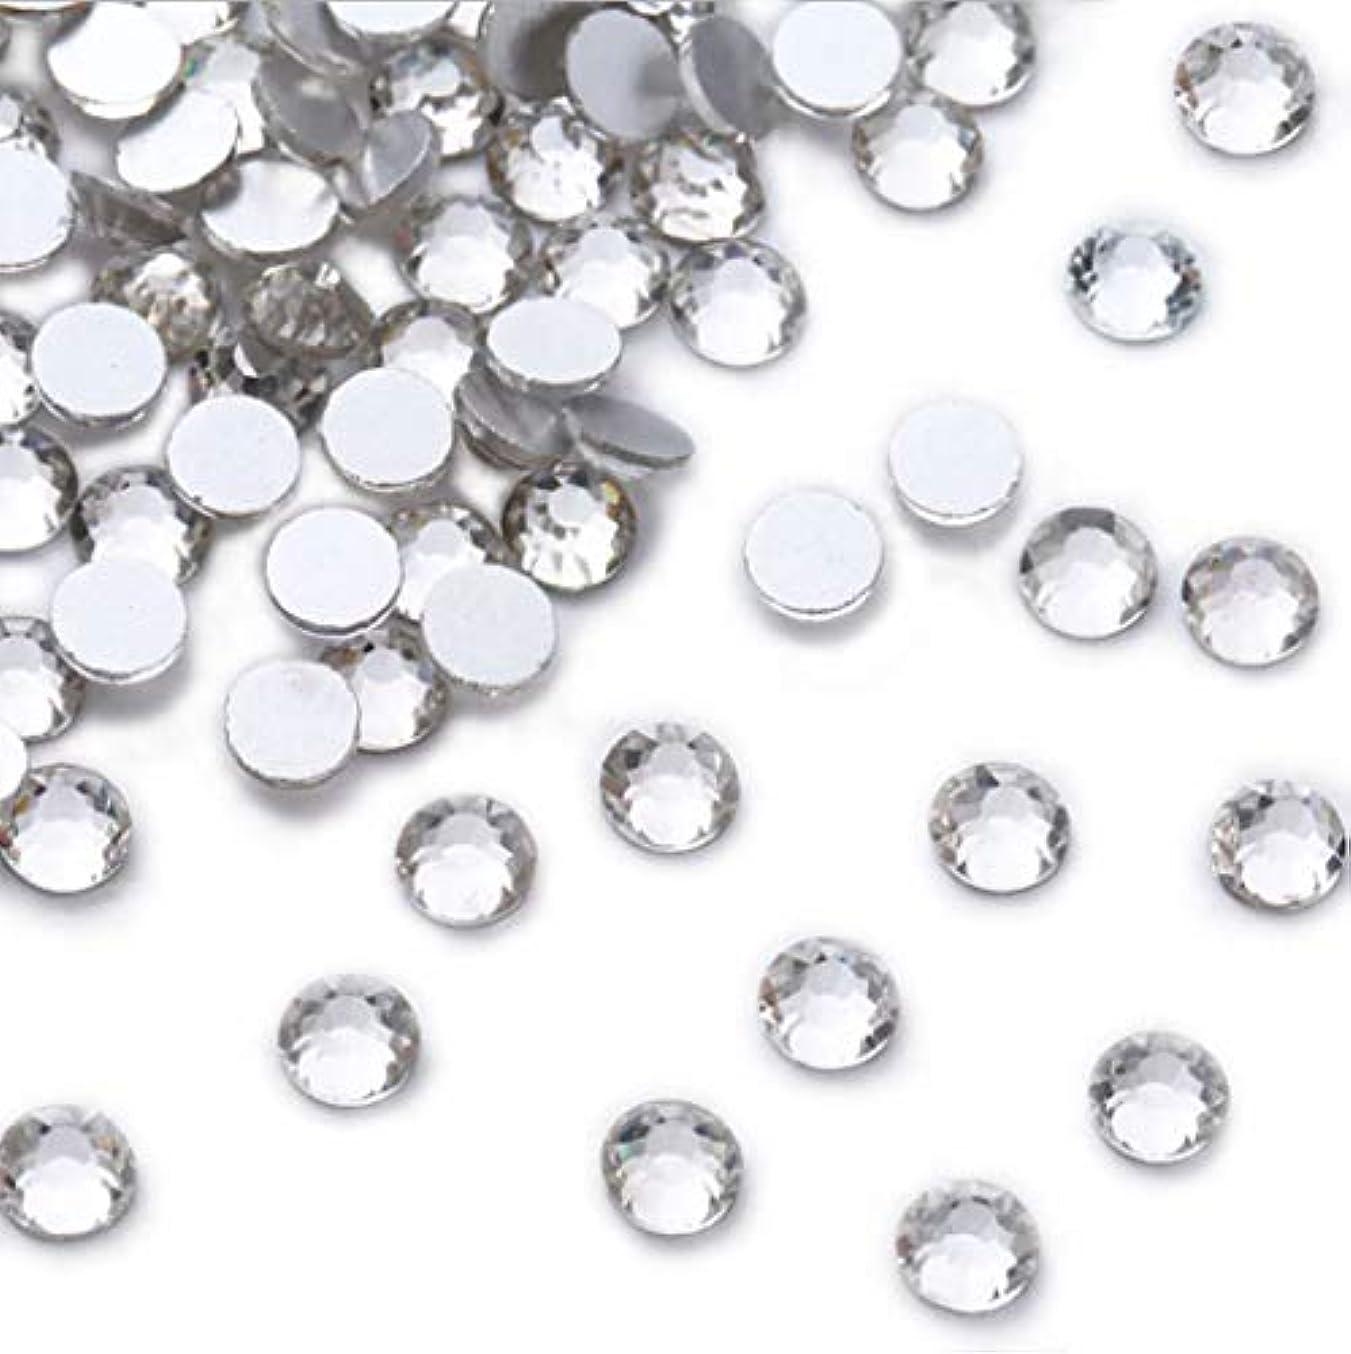 オーバーフロー意義韓国XIULIラインストーン DIY ネイルを飾てと服装使用 高い採光 ホワイト ss3-30 (1.6mm ss4(1440粒), サイズ)